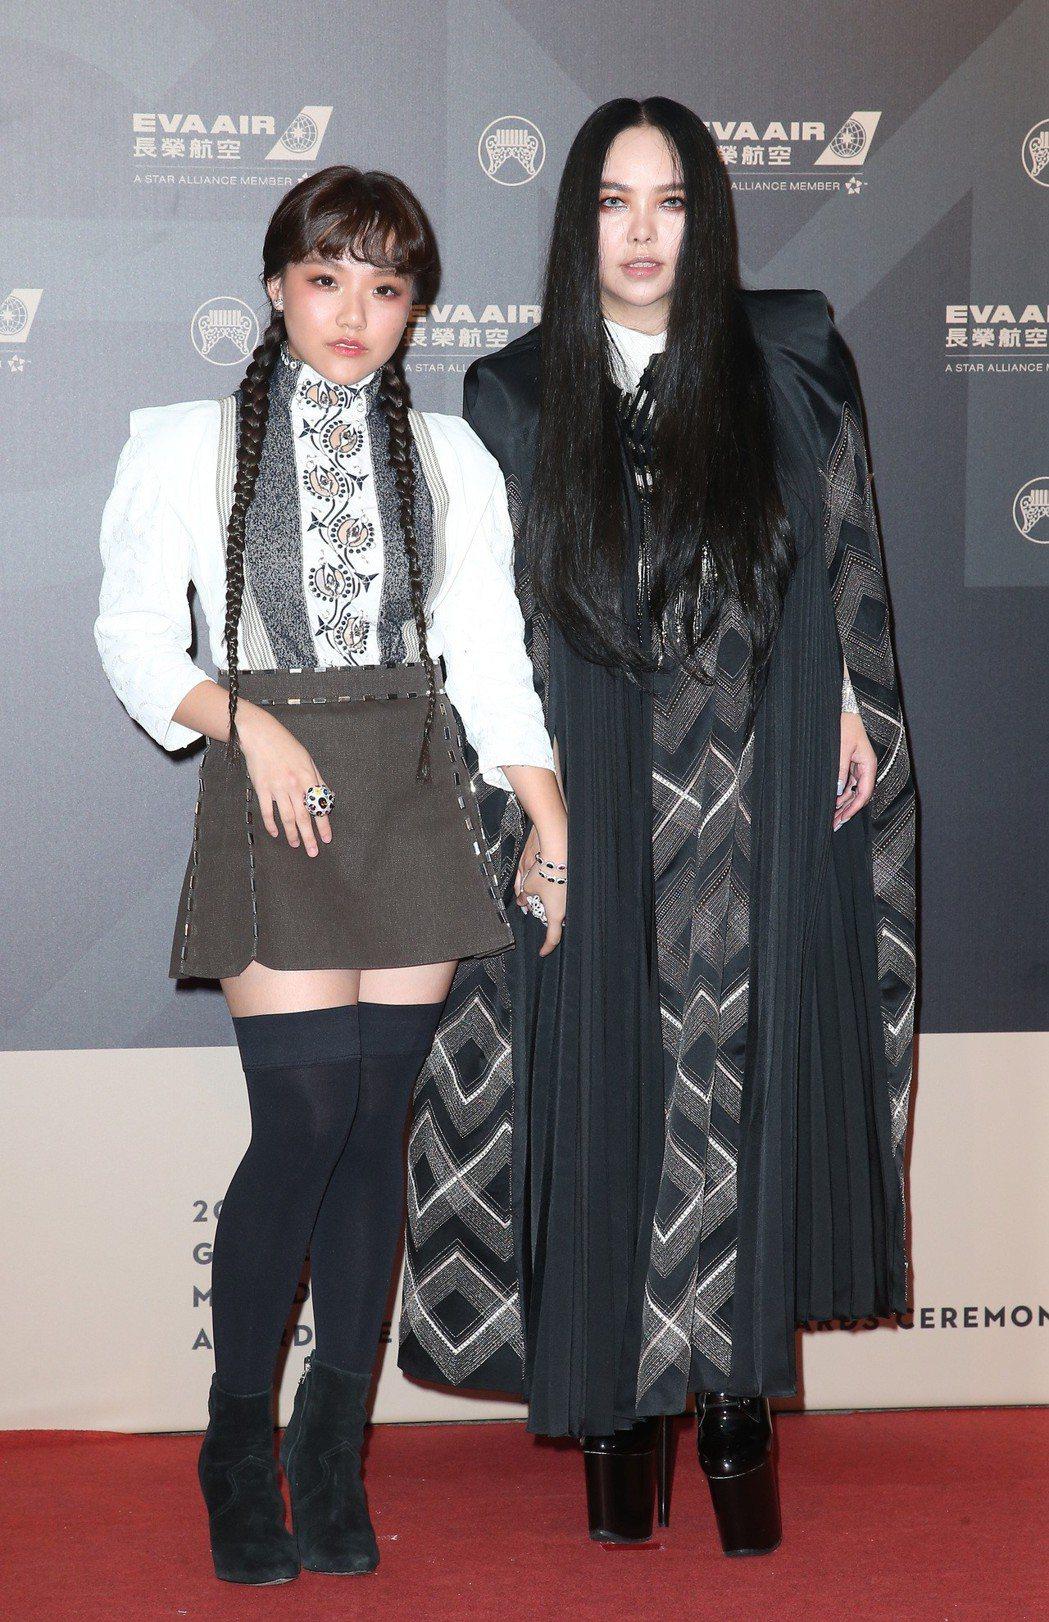 張惠妹與安那的金曲獎紅毯造型,被形容有如「阿達一族」碰上「安娜貝爾」。圖/報系資...